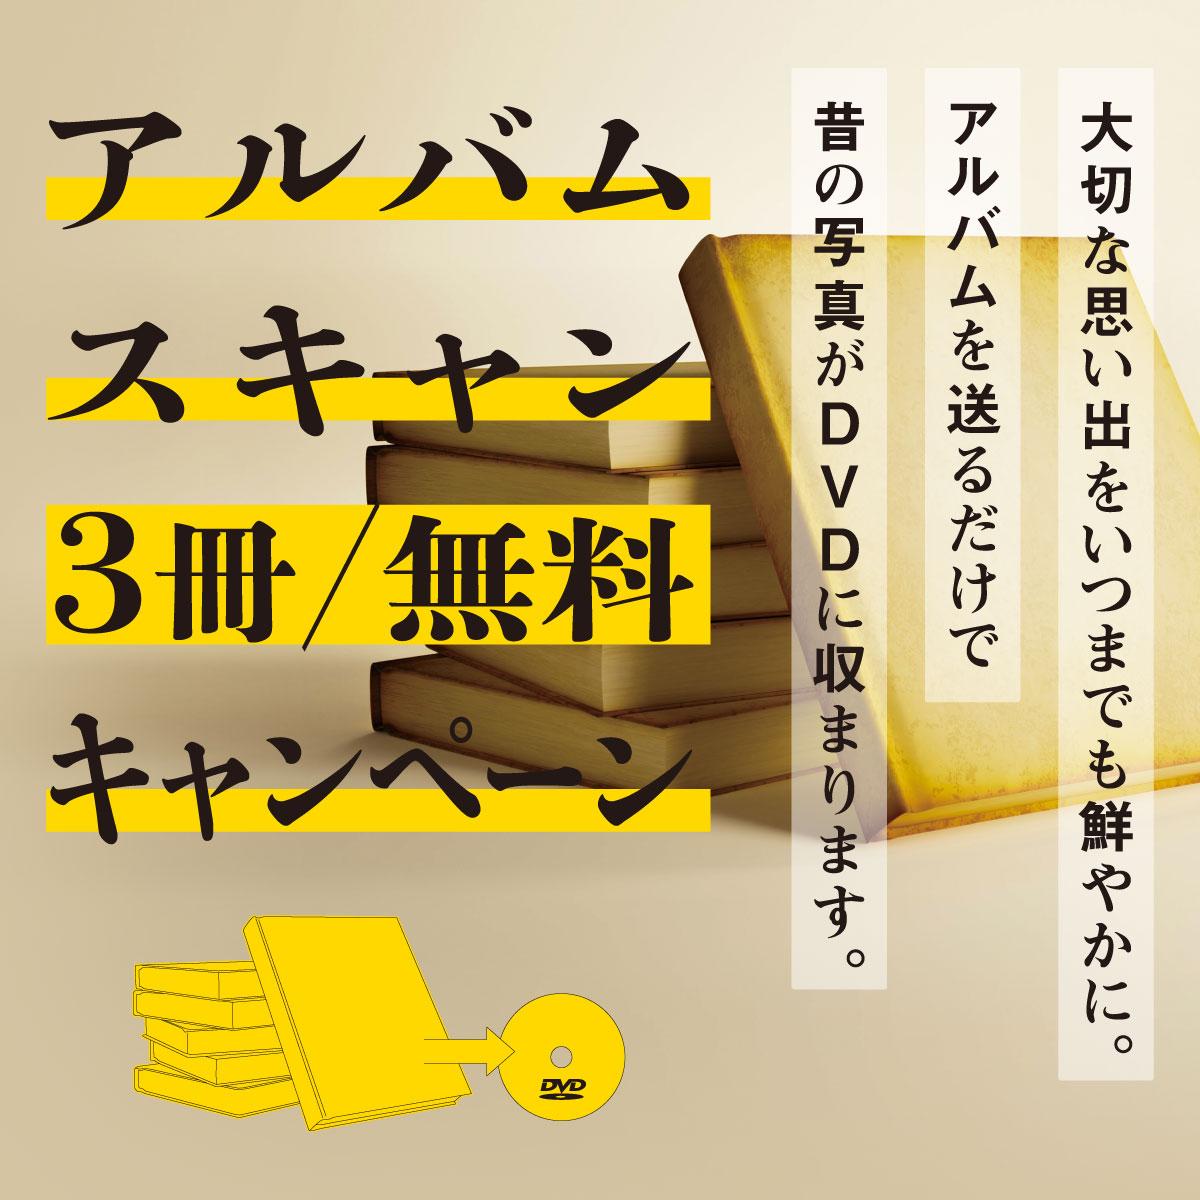 アルバムスキャン 3冊/無料 キャンペーン